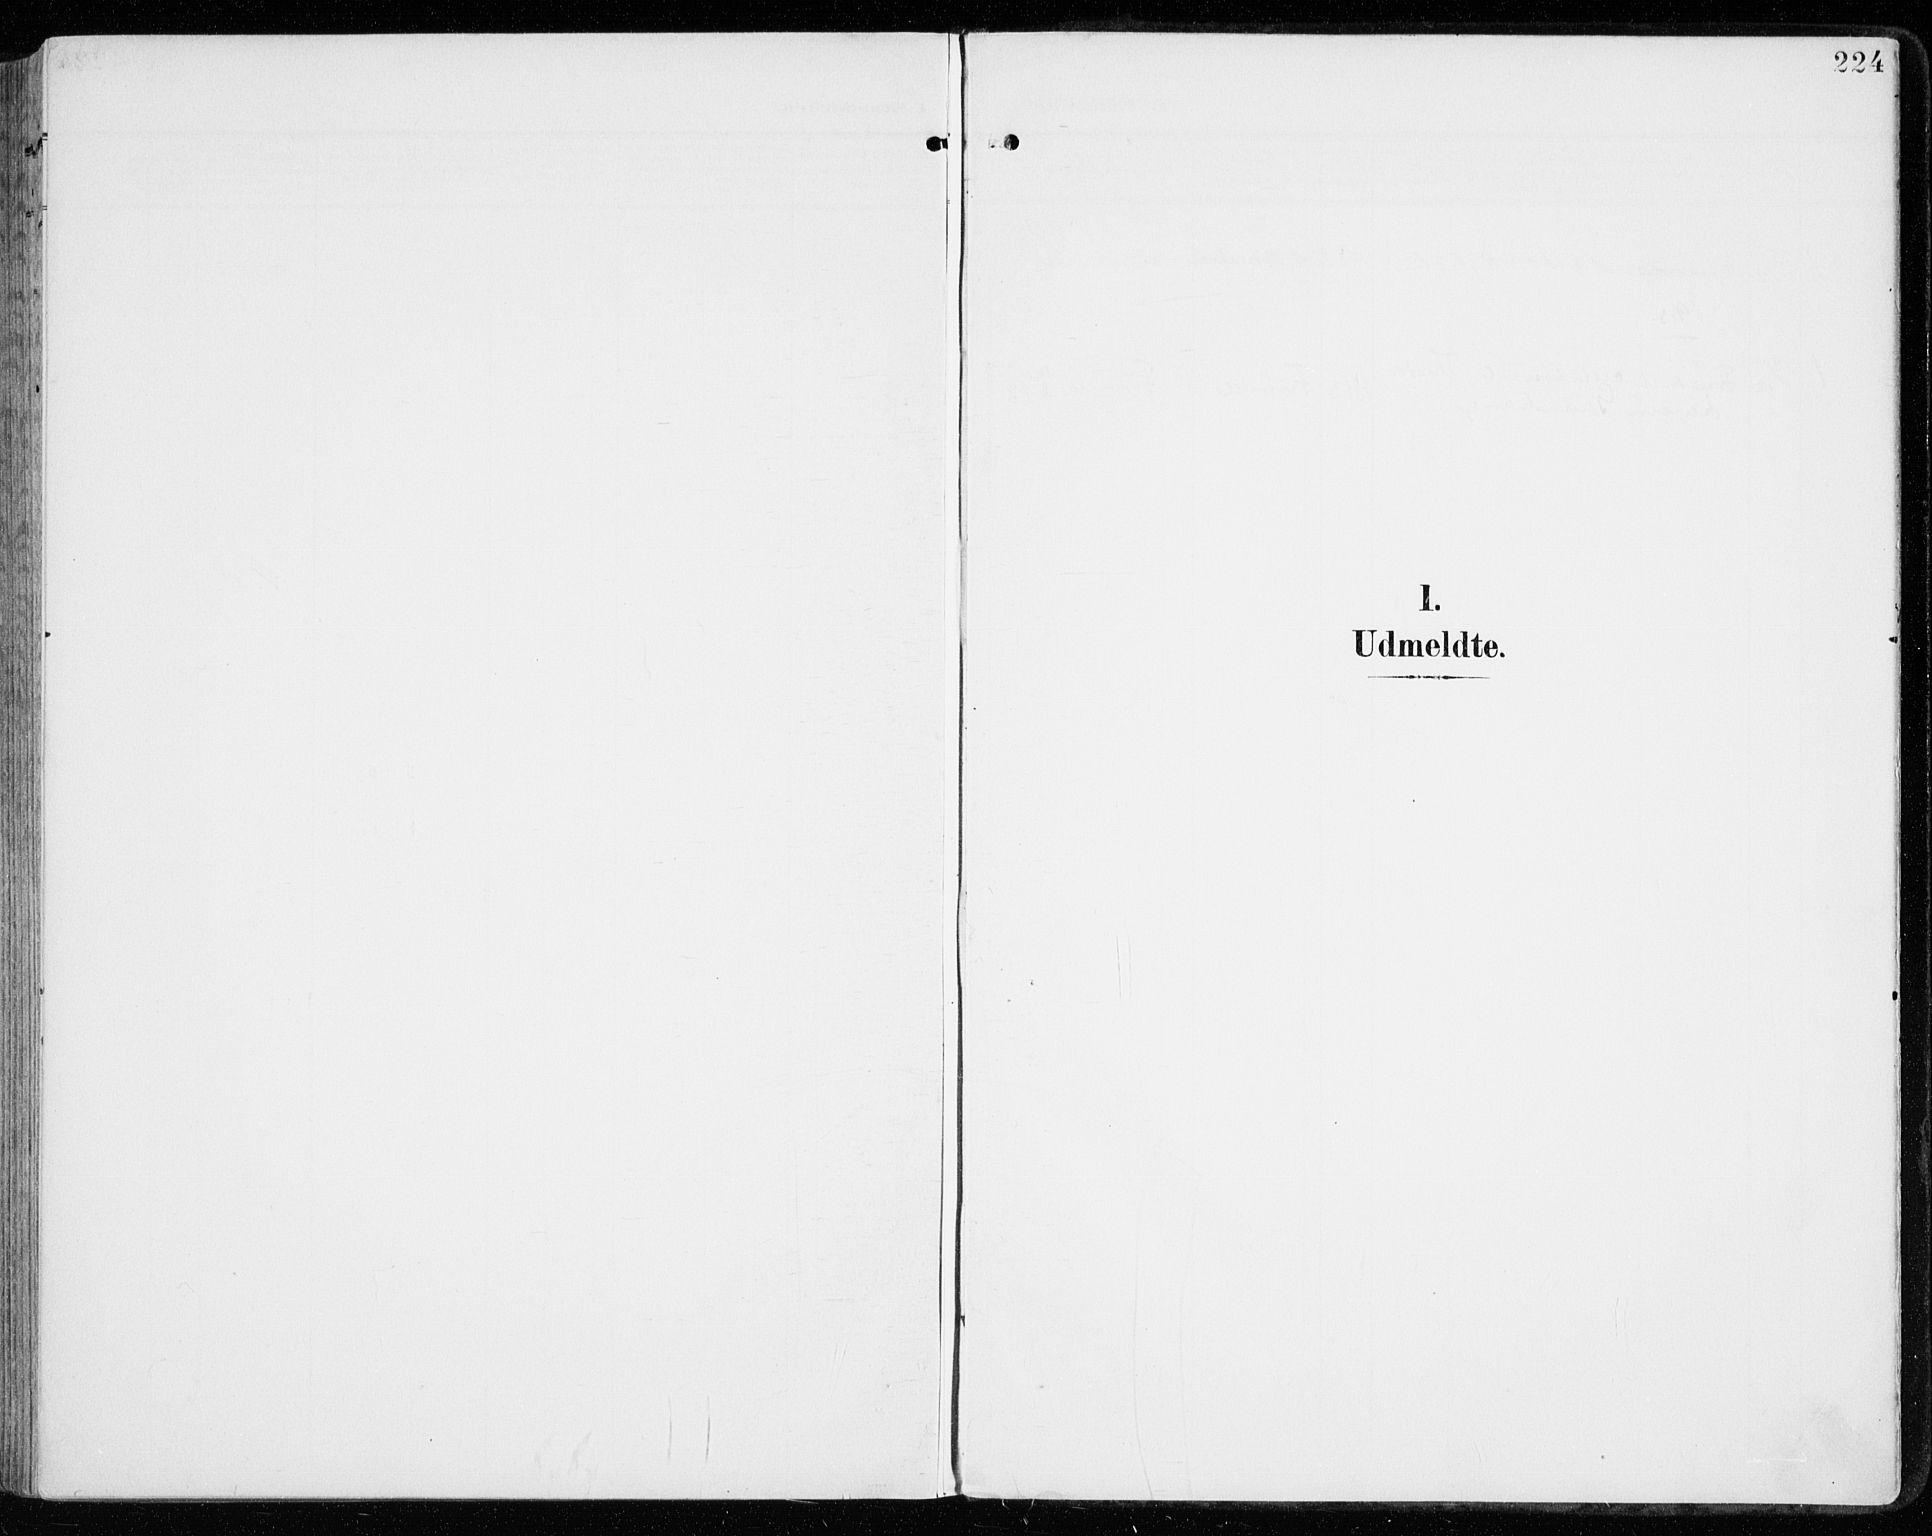 SAH, Vardal prestekontor, H/Ha/Haa/L0016: Parish register (official) no. 16, 1904-1916, p. 224